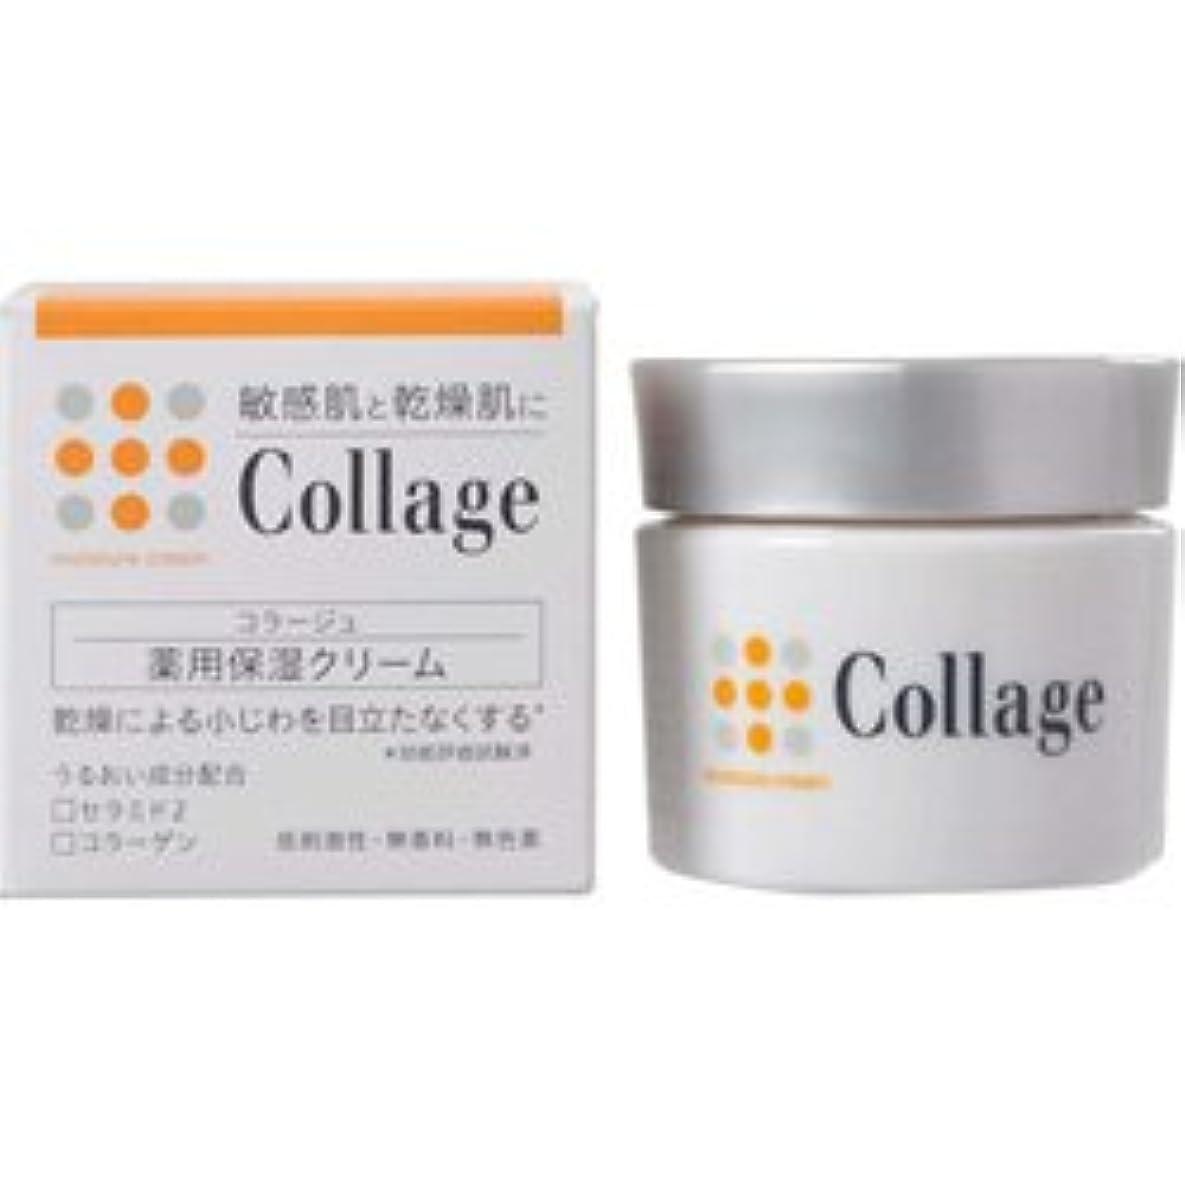 またエアコン左【持田ヘルスケア】 コラージュ薬用保湿クリーム 30g (医薬部外品) ×10個セット